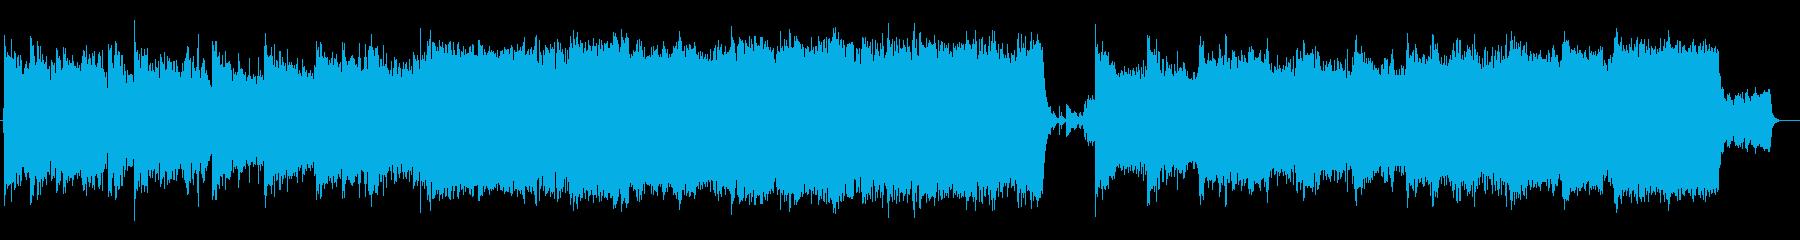 切ないオルガン・シンセ・管楽器などの再生済みの波形